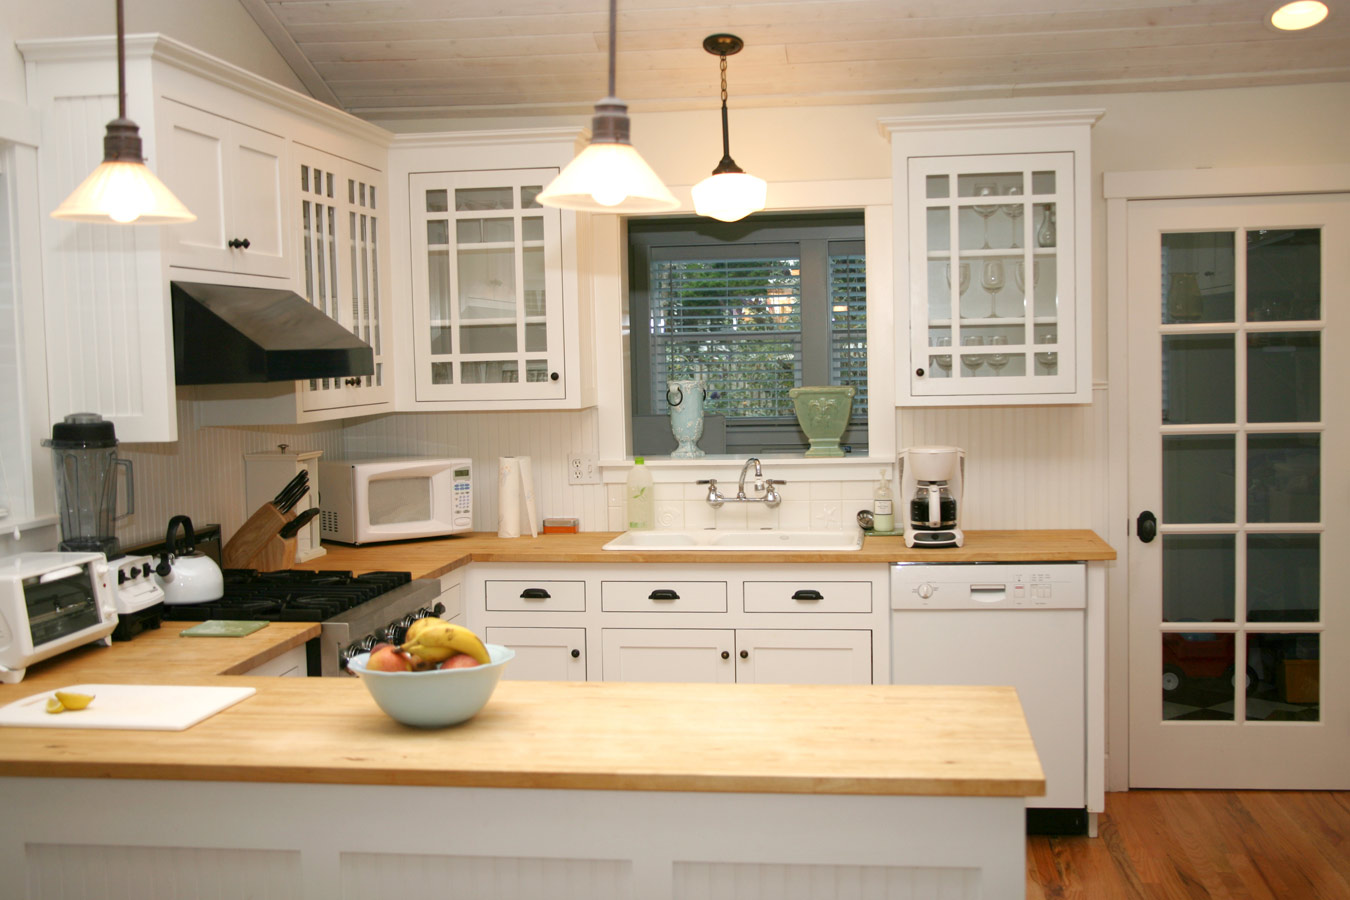 Werkblad Keuken Hout : Houten werkblad in de keuken Tips & soorten hout